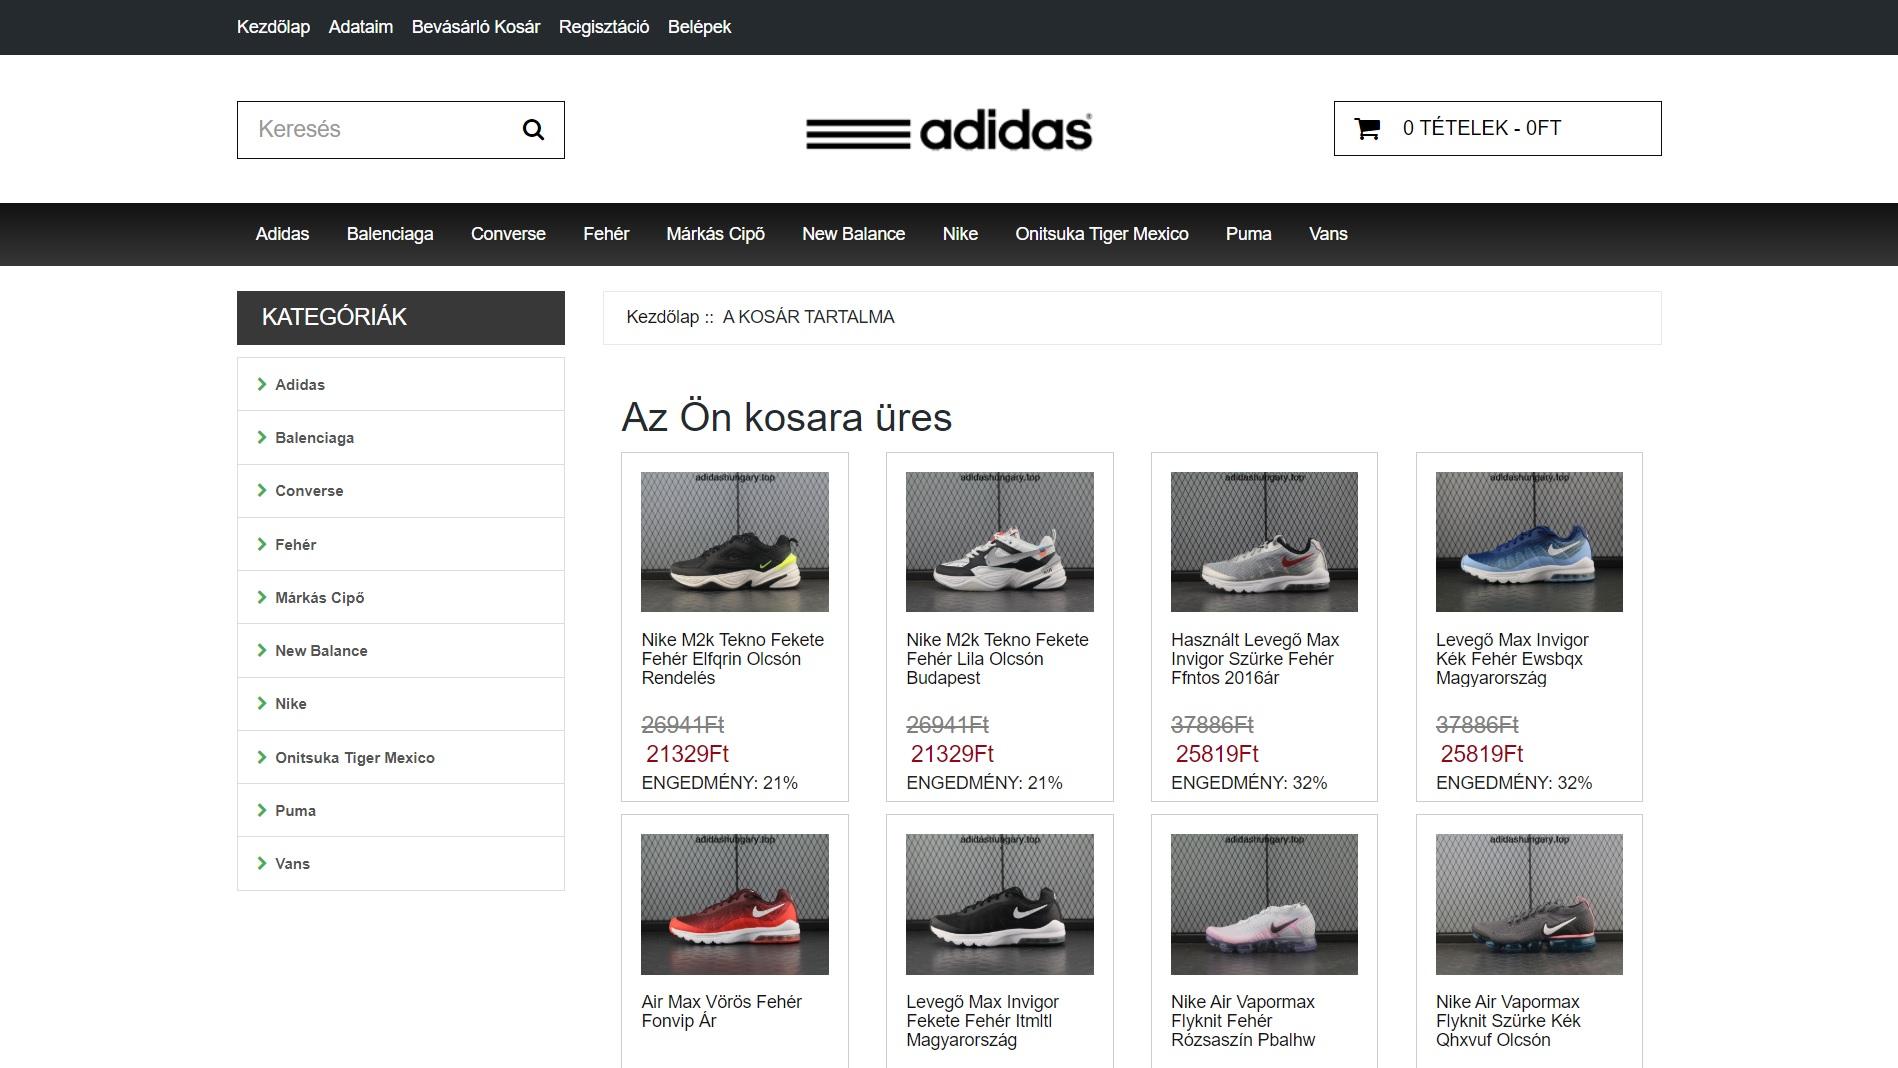 adidashungary.top - vélemény, tapasztalat: eredeti vagy hamis cipő?